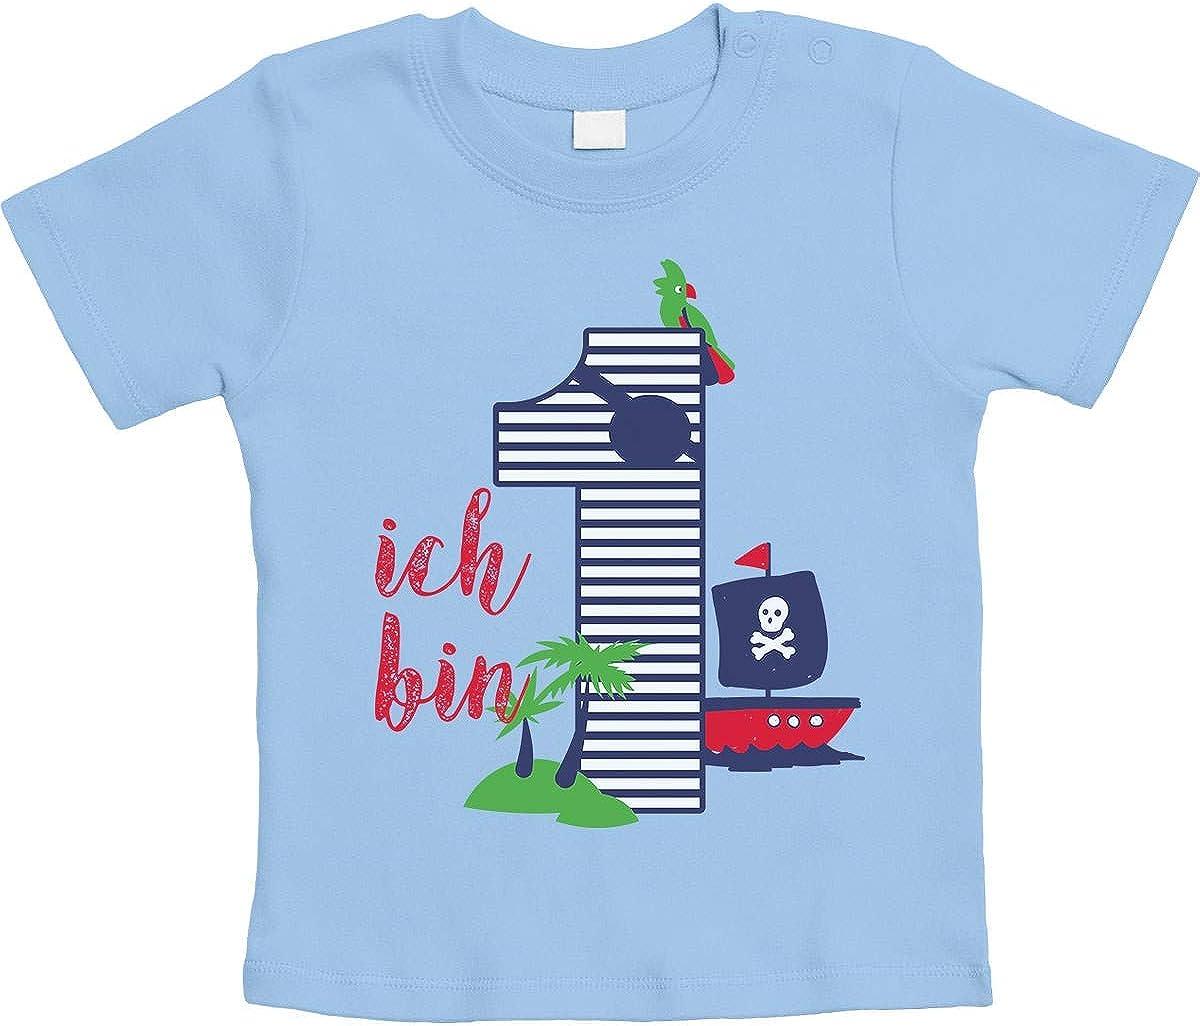 Shirtgeil 1 Jahr Geburtstag Piraten Geschenk Jungen Baby T-Shirt